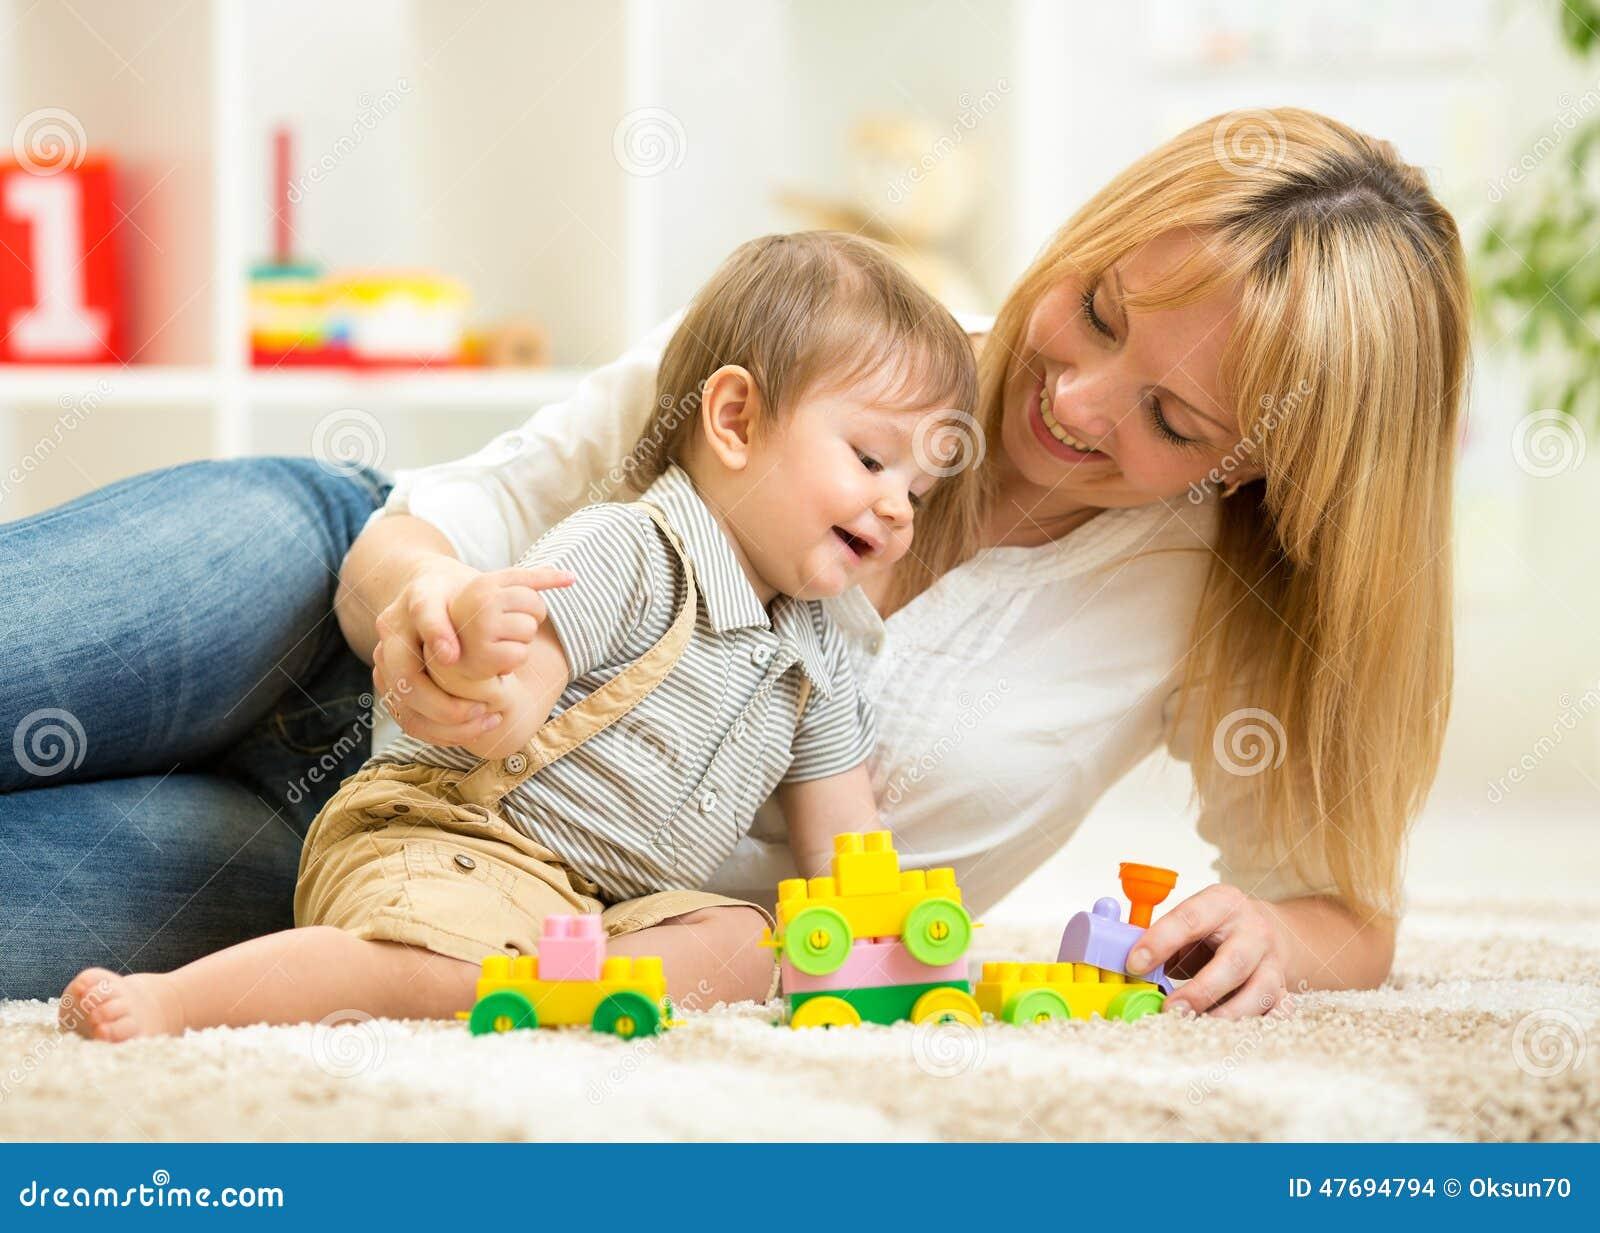 Сын с мамой забавляются фото 213-955